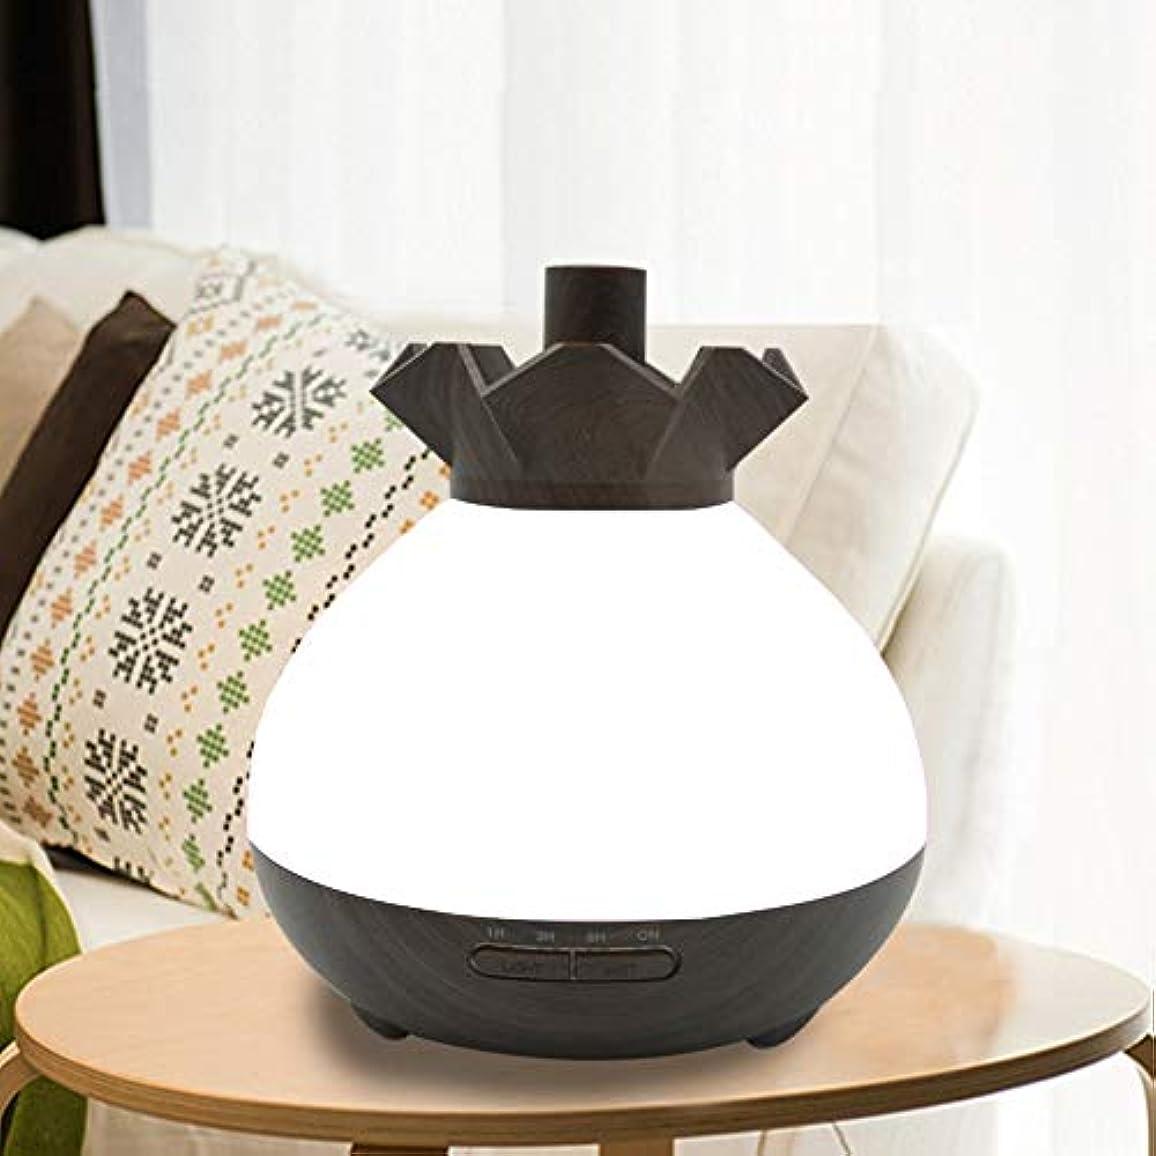 構造的進む美容師Wifiアプリコントロール 涼しい霧 加湿器,7 色 木目 空気を浄化 加湿機 プレミアム サイレント 精油 ディフューザー アロマネブライザー ベッド- 400ml